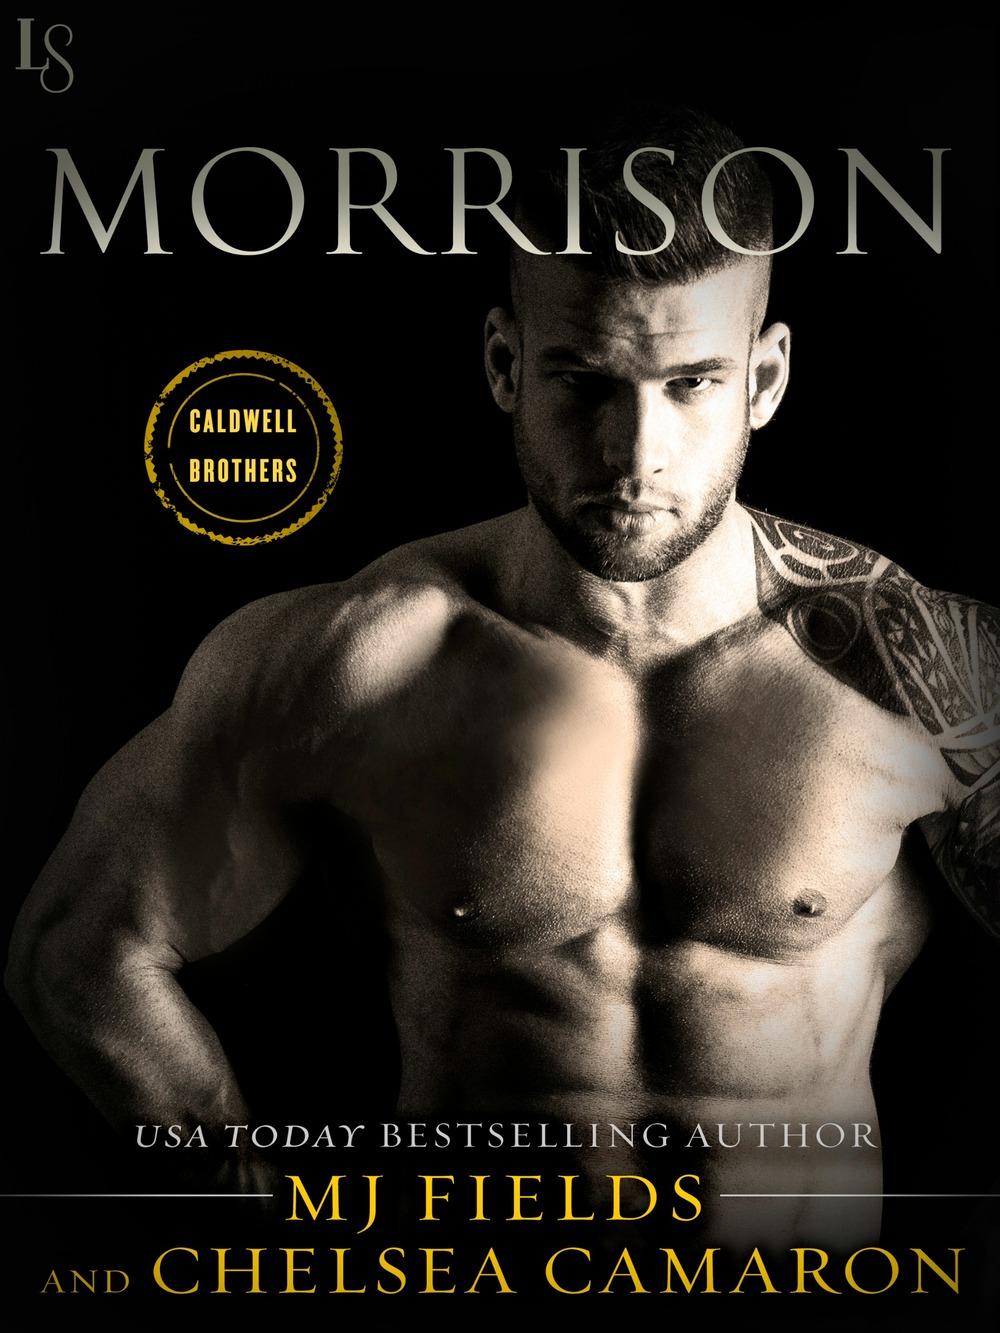 Morrison by MJ Fields & Chelsea Camaron